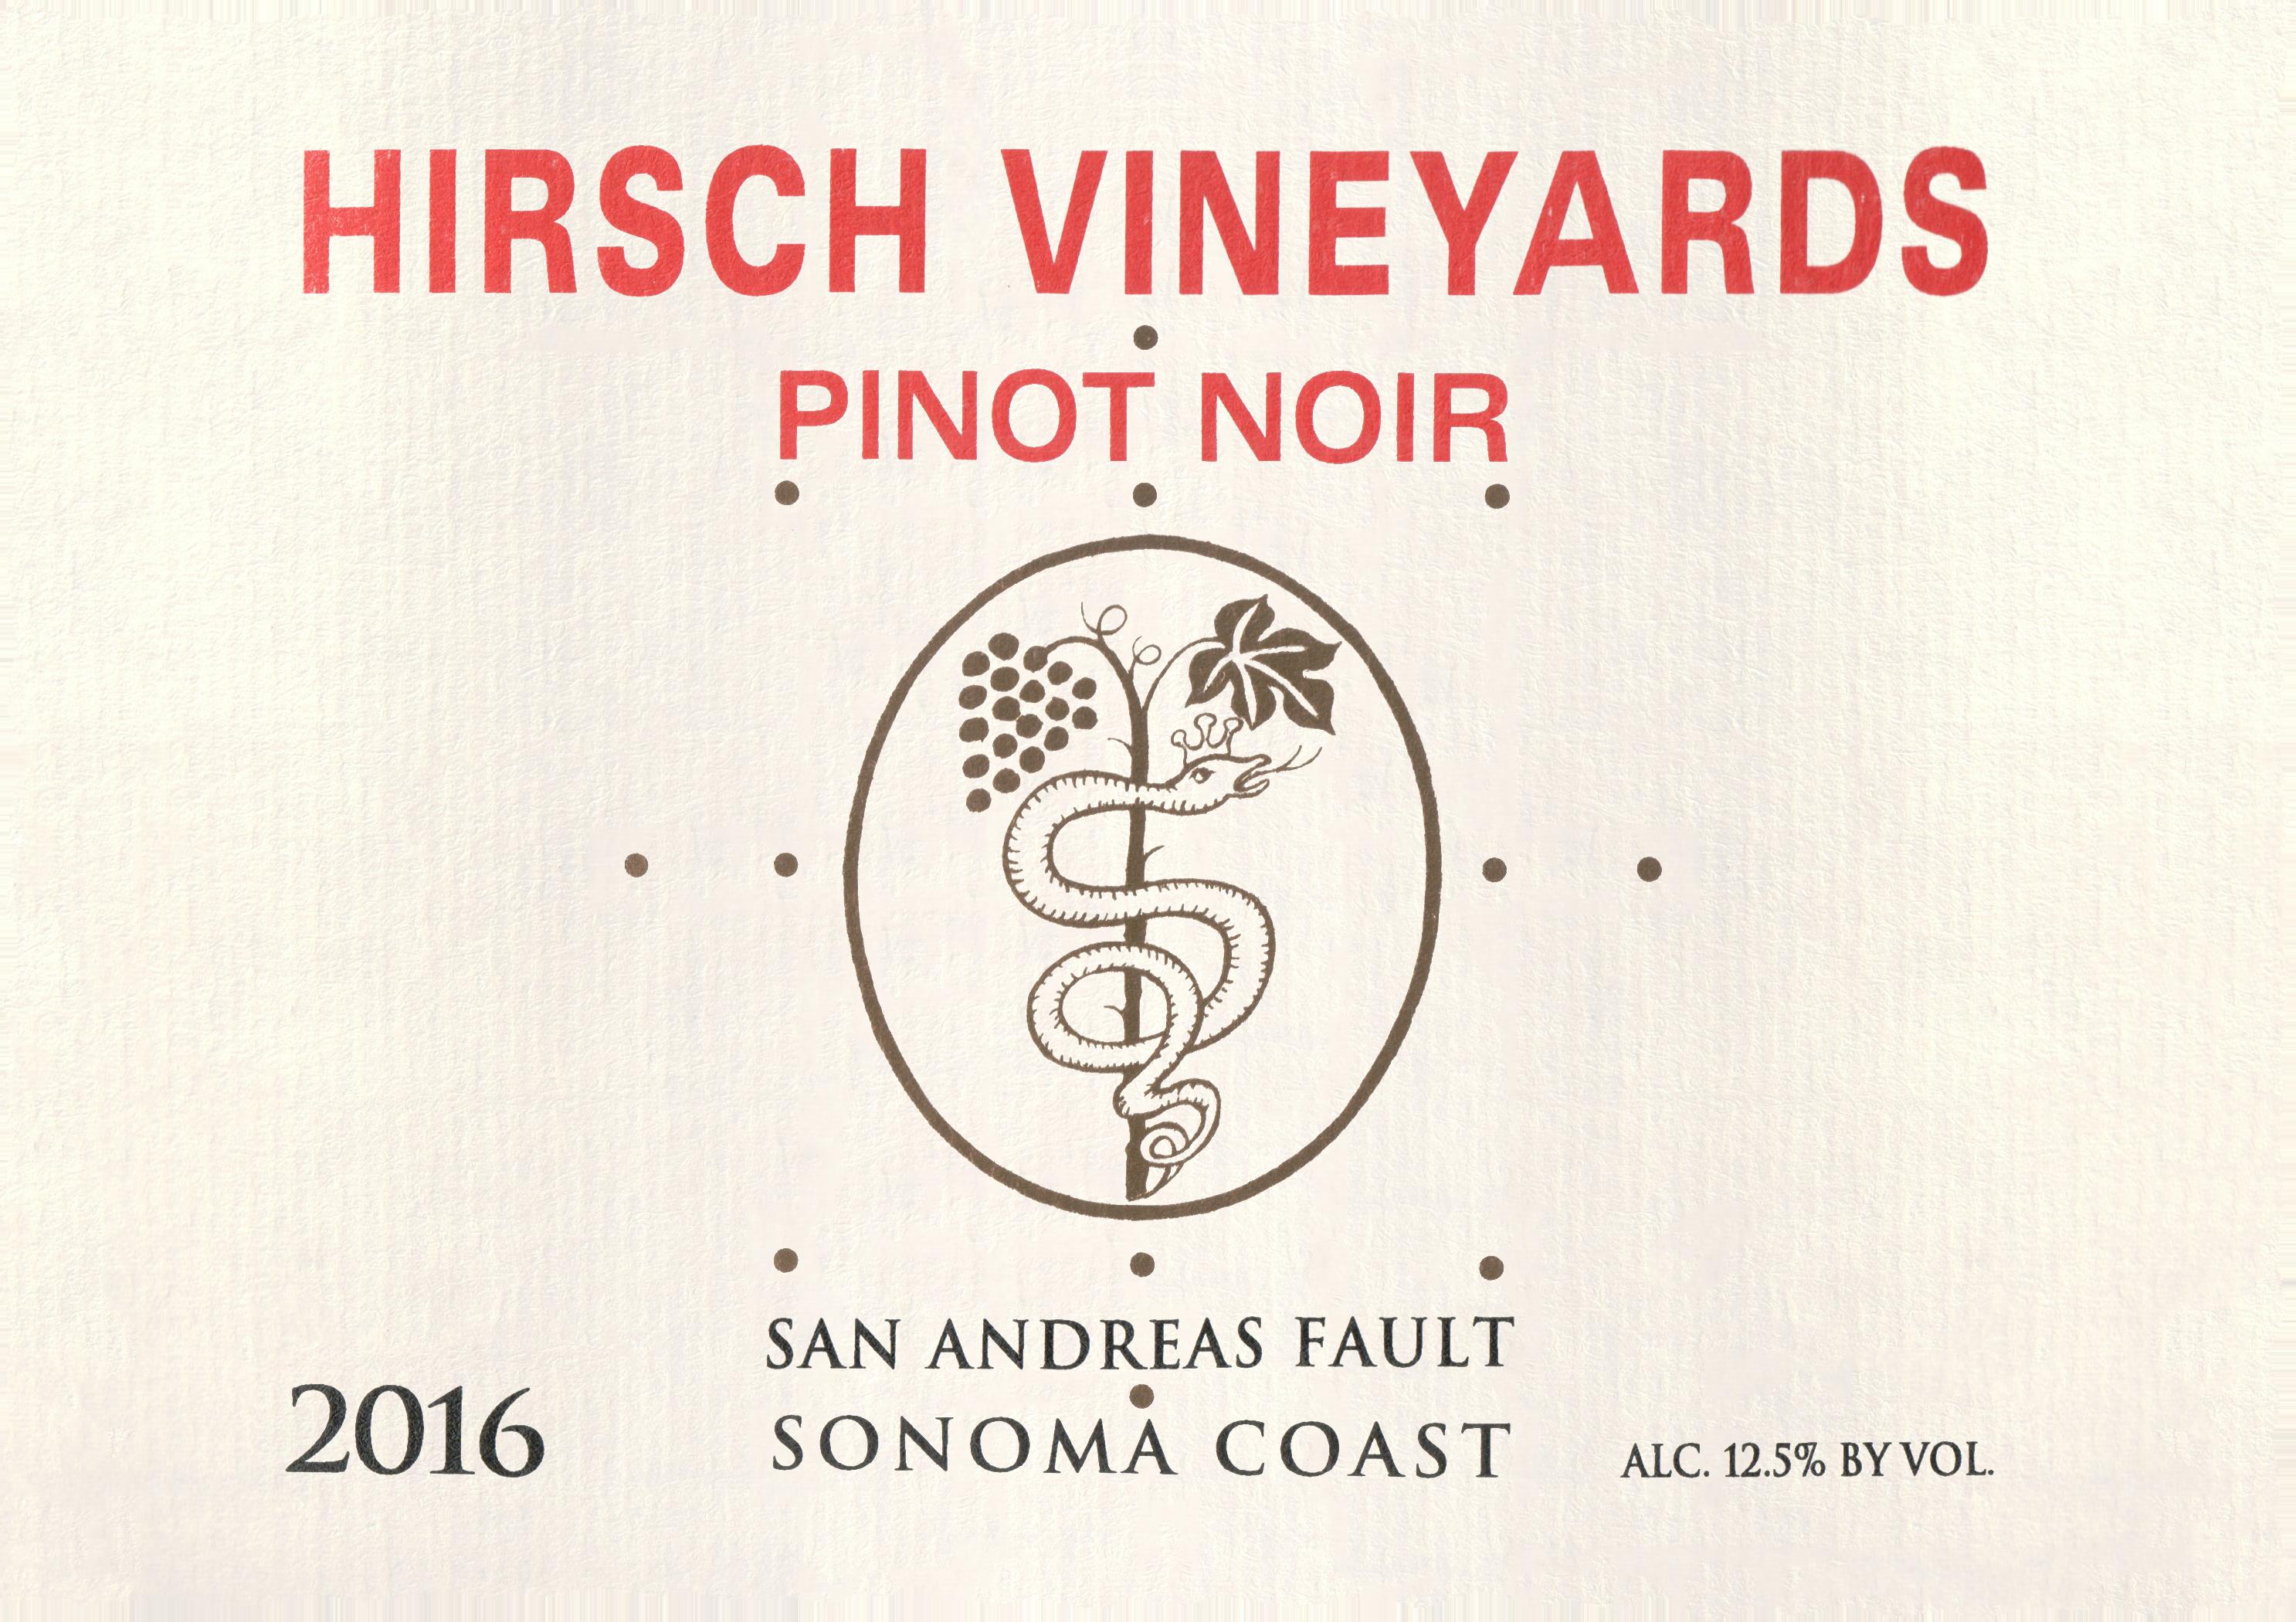 Hirsch San Andreas Fault Pinot Noir 2016